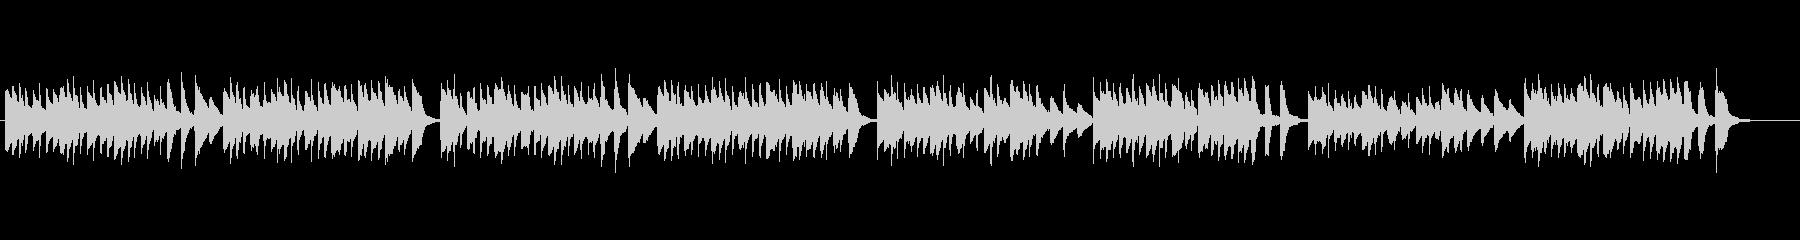 ピアノ練習曲、チェルニーNo.3の未再生の波形